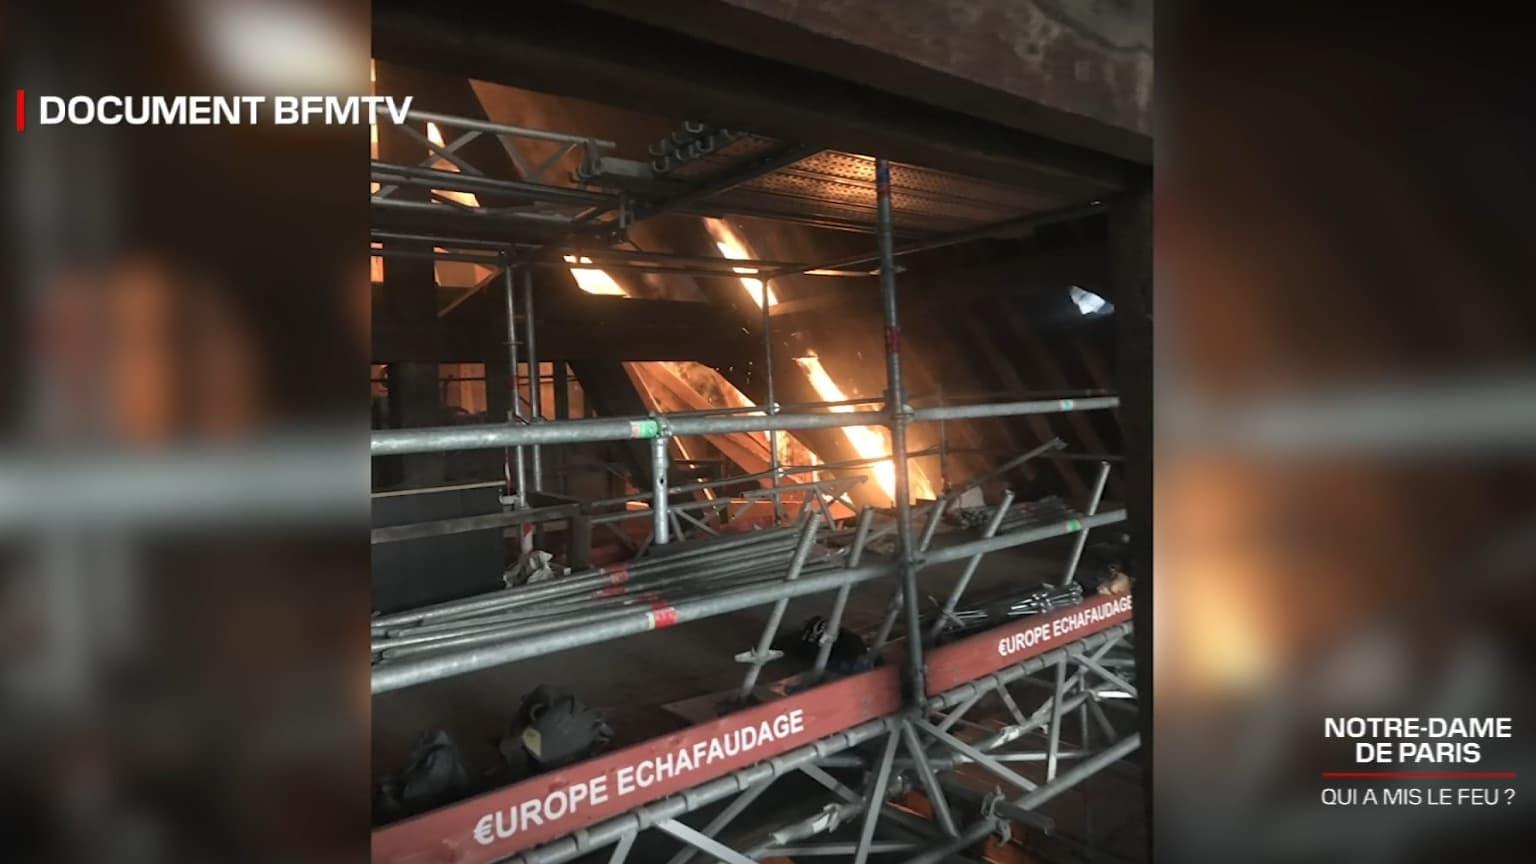 Incendie à Notre-Dame de Paris: un an après, où en est l'enquête? Notre document inédit